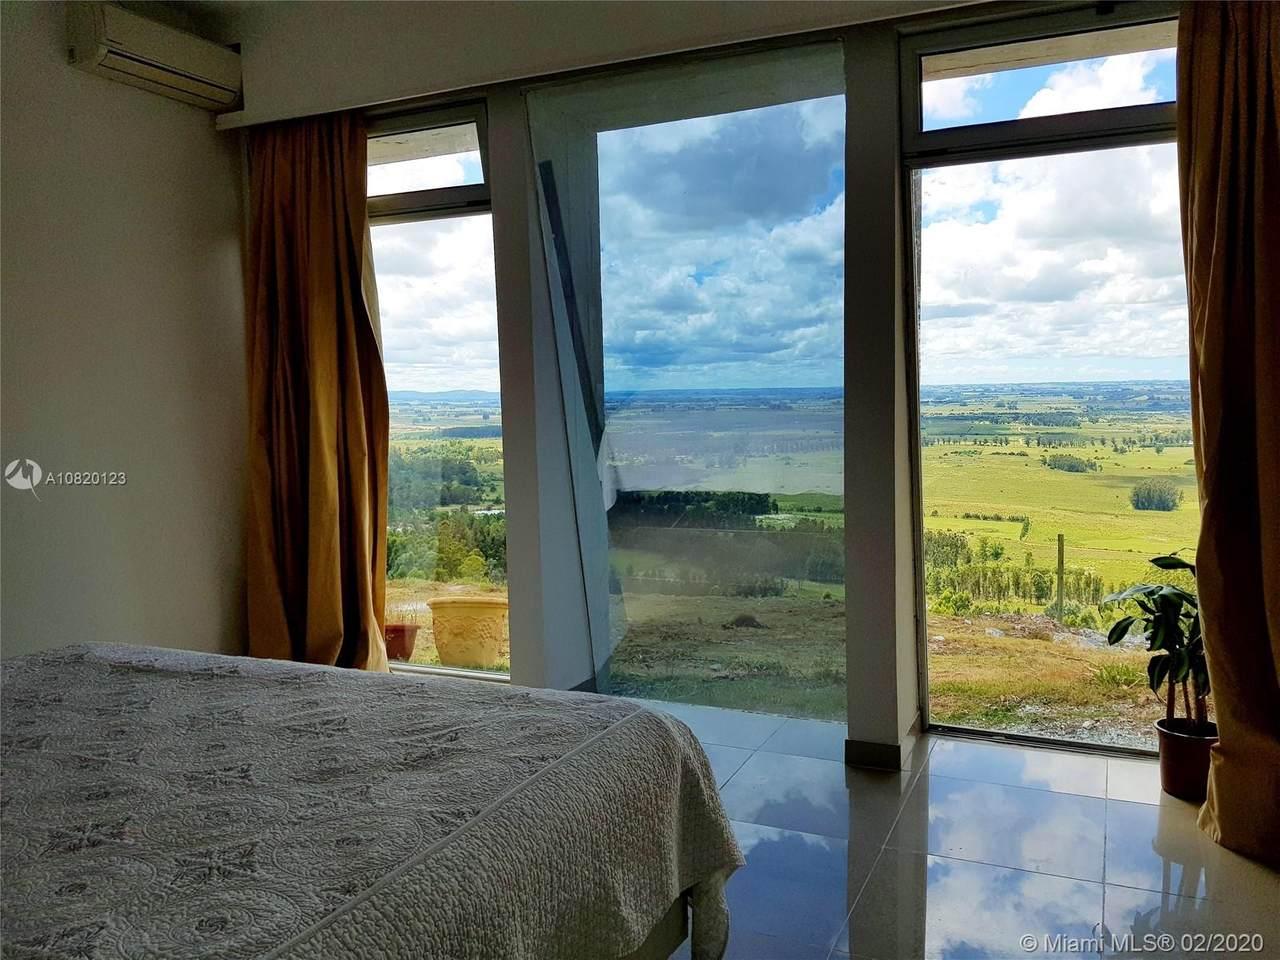 Punta del Este Uruguay - Photo 1